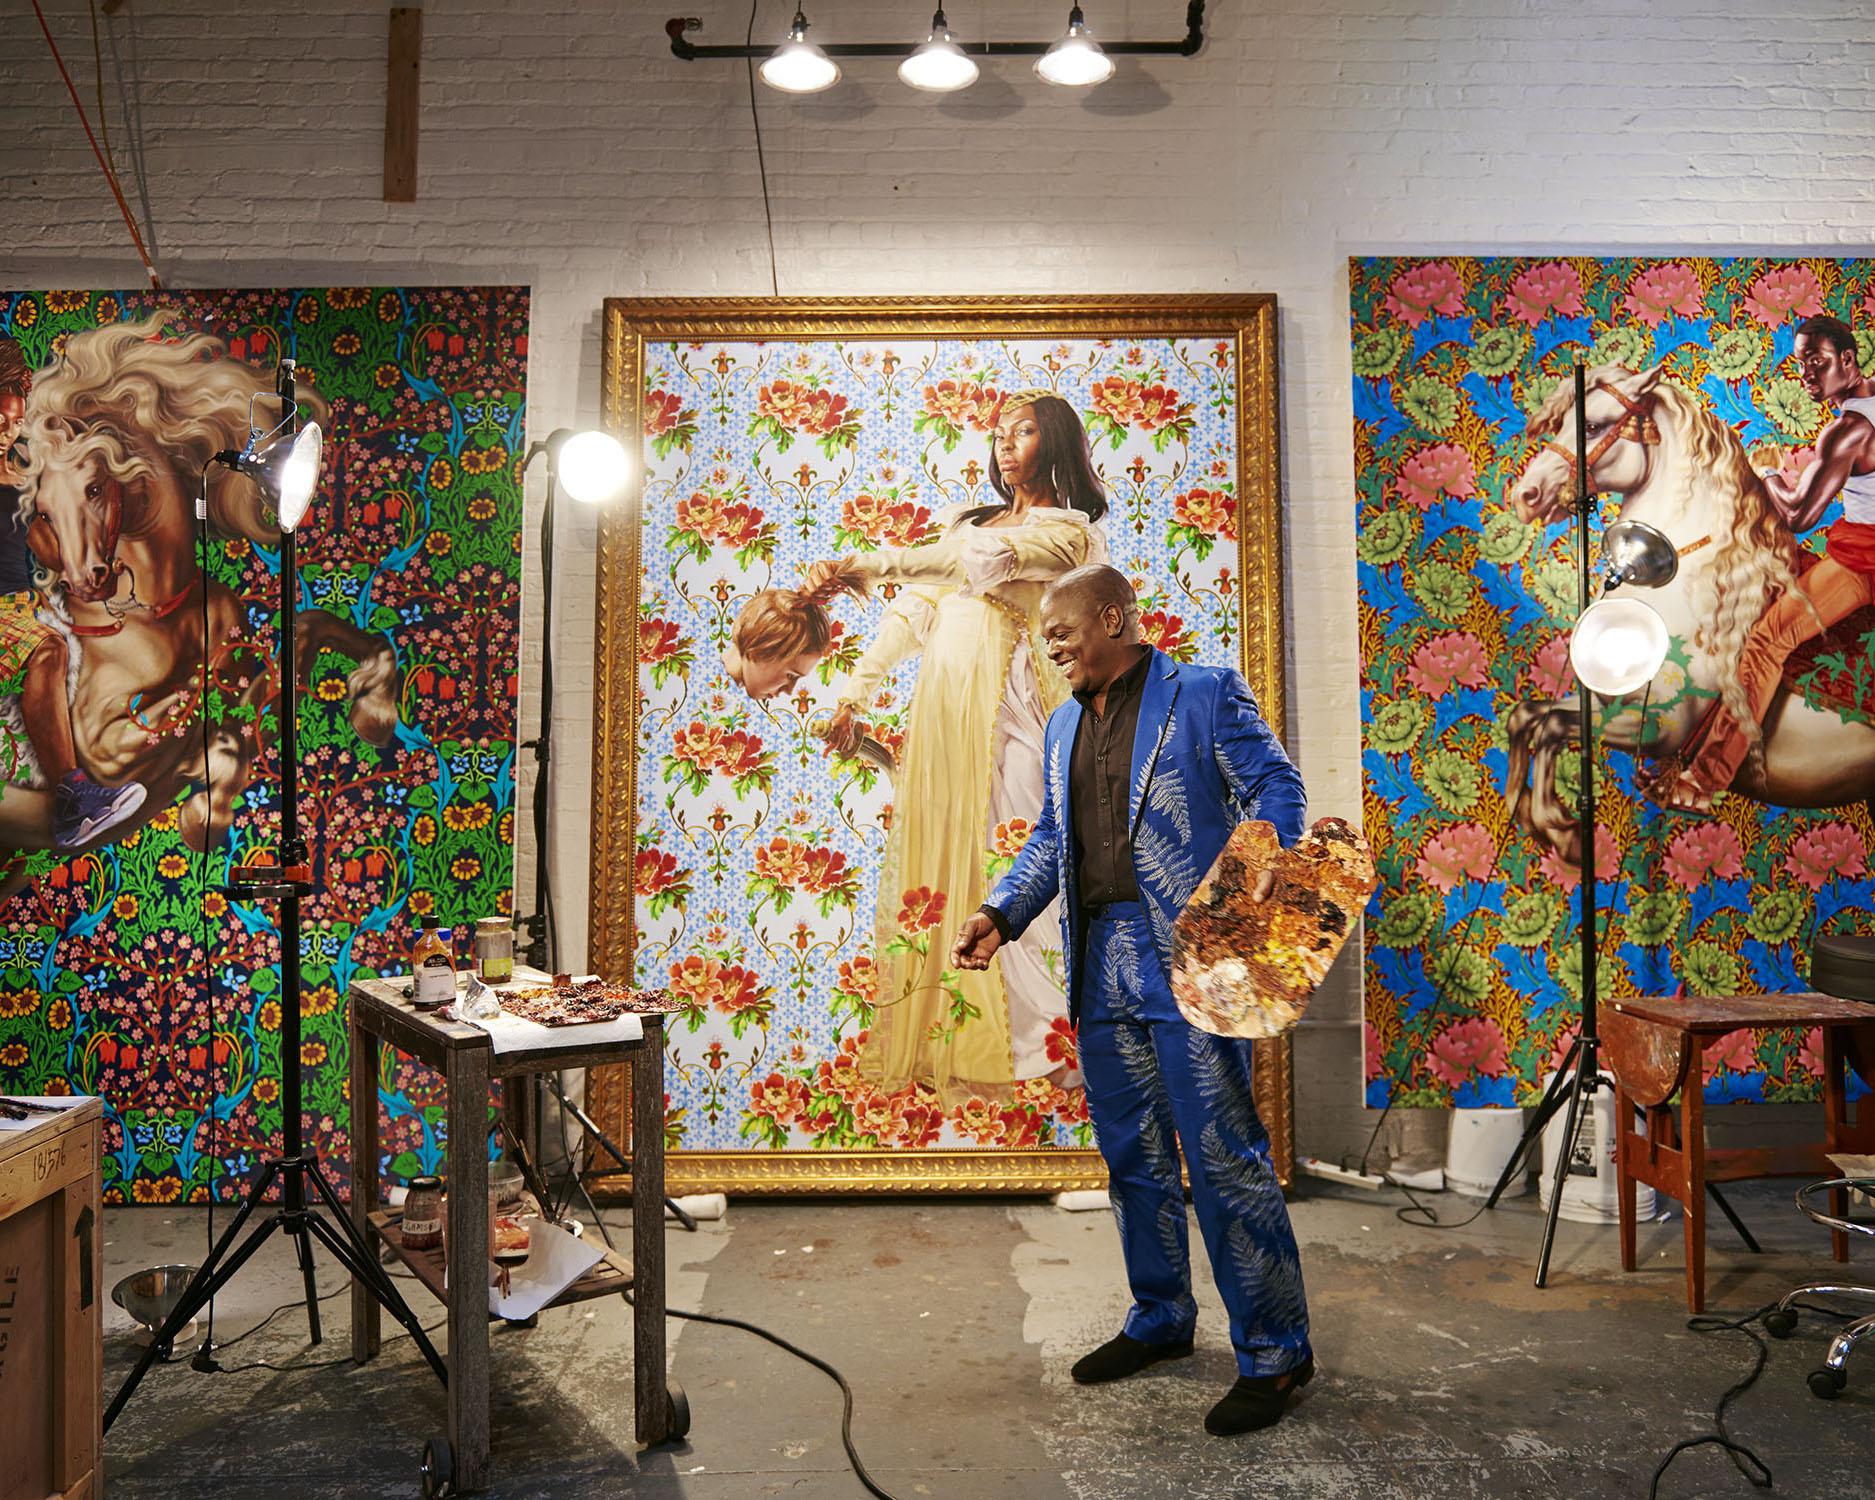 Kehinde Wiley, 2005 Brooklyn, New York